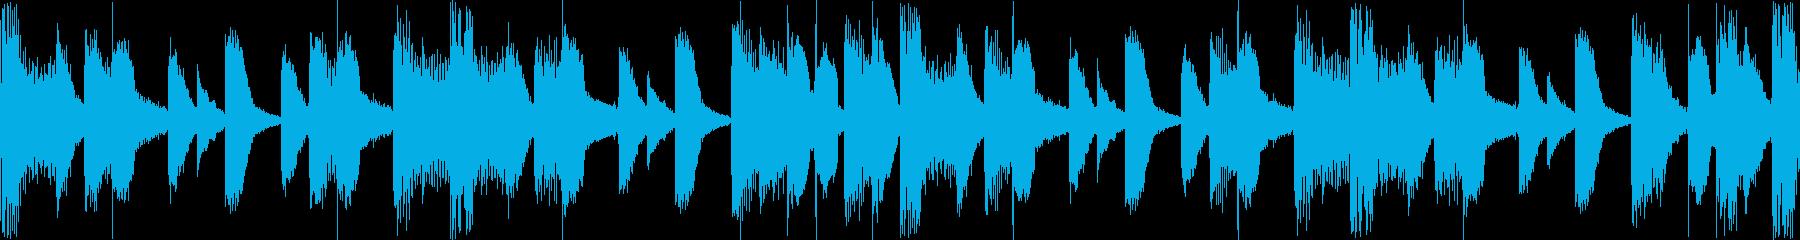 EDMデジタル系のリズムLoopの再生済みの波形